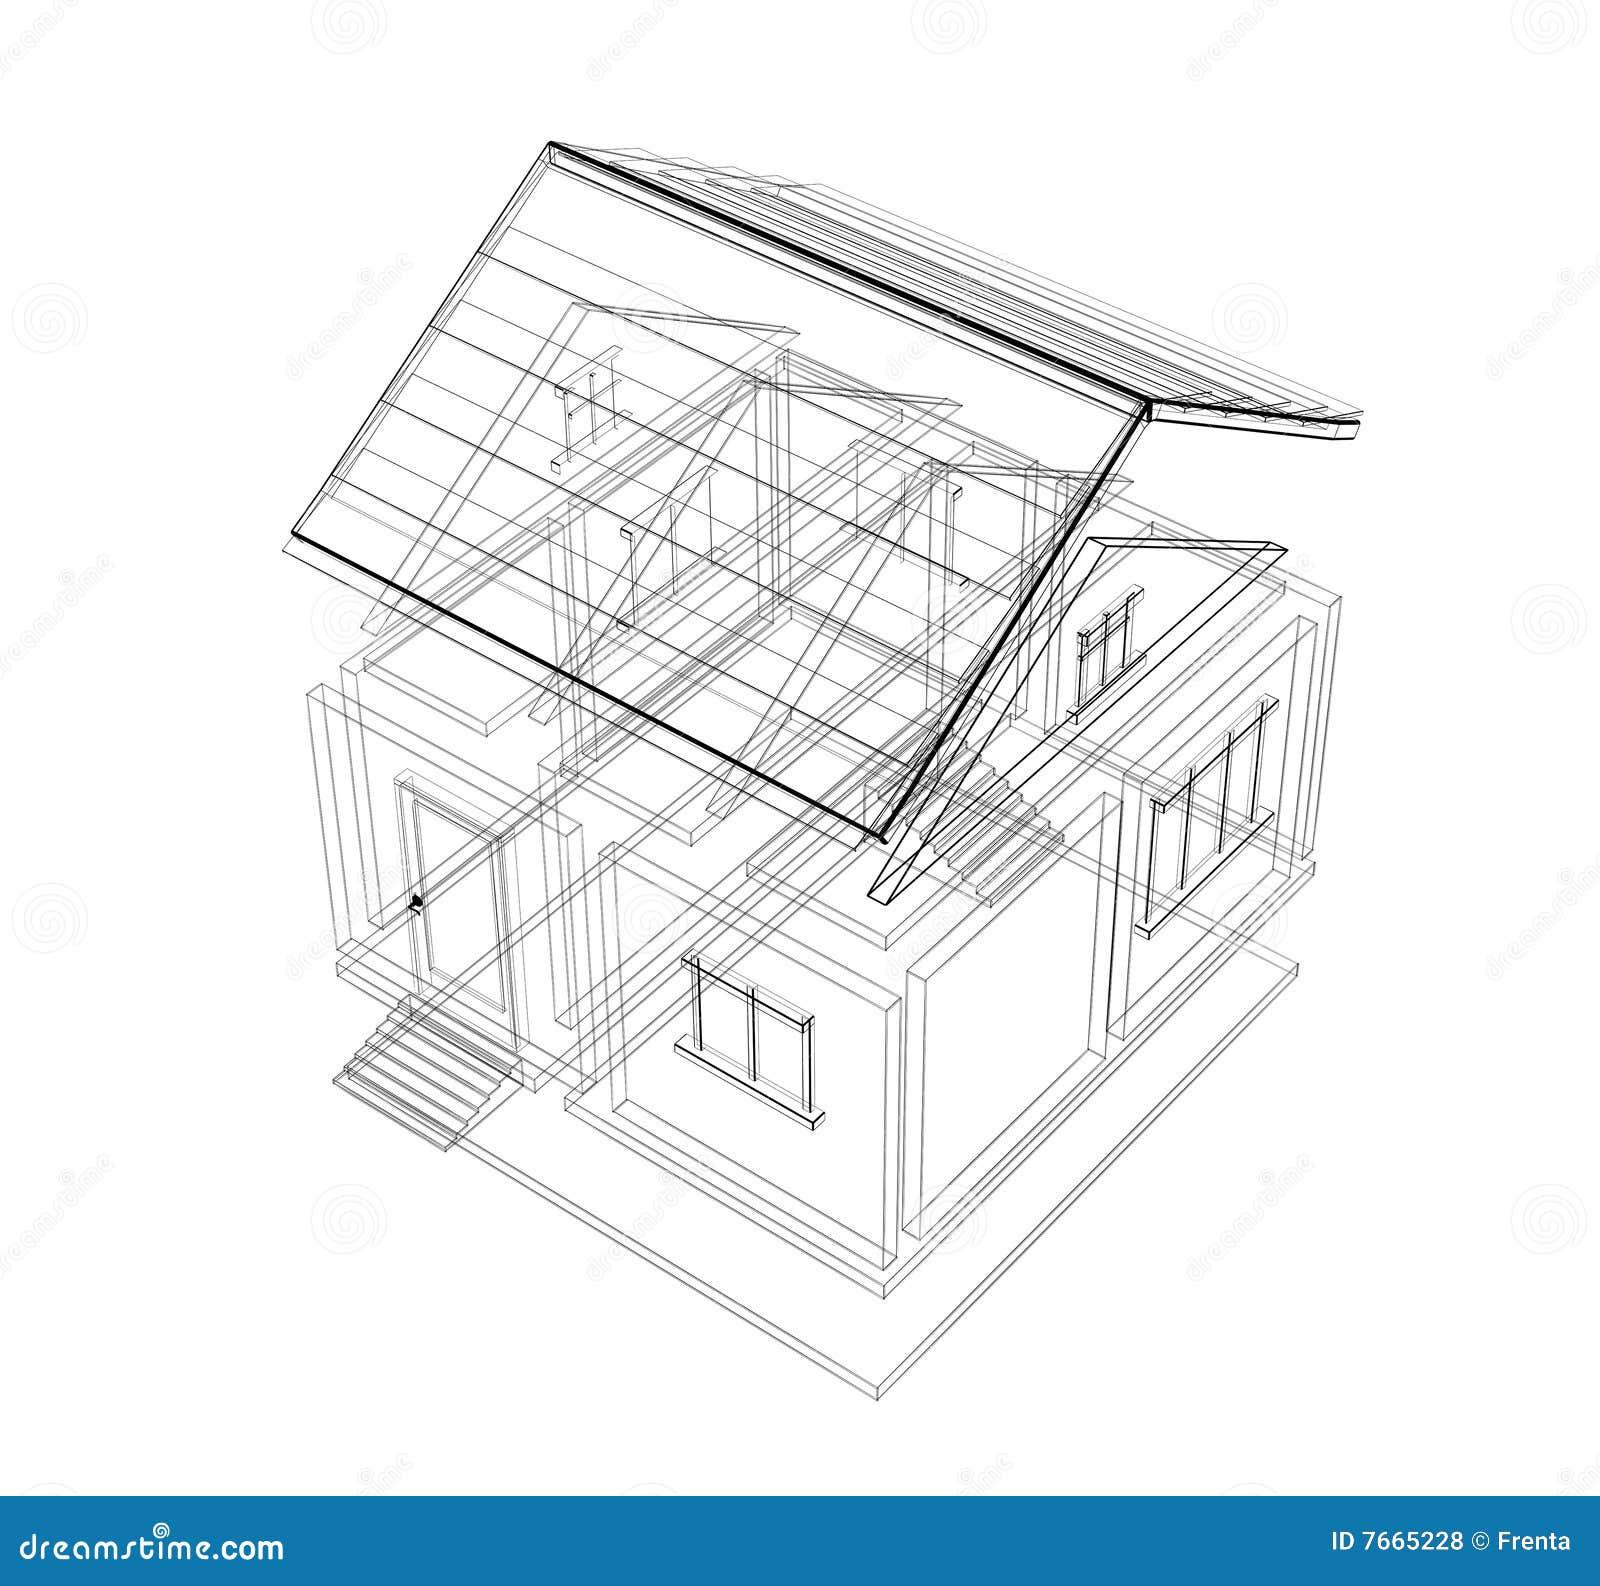 Croquis 3d d 39 une maison illustration stock illustration Croquis d une maison